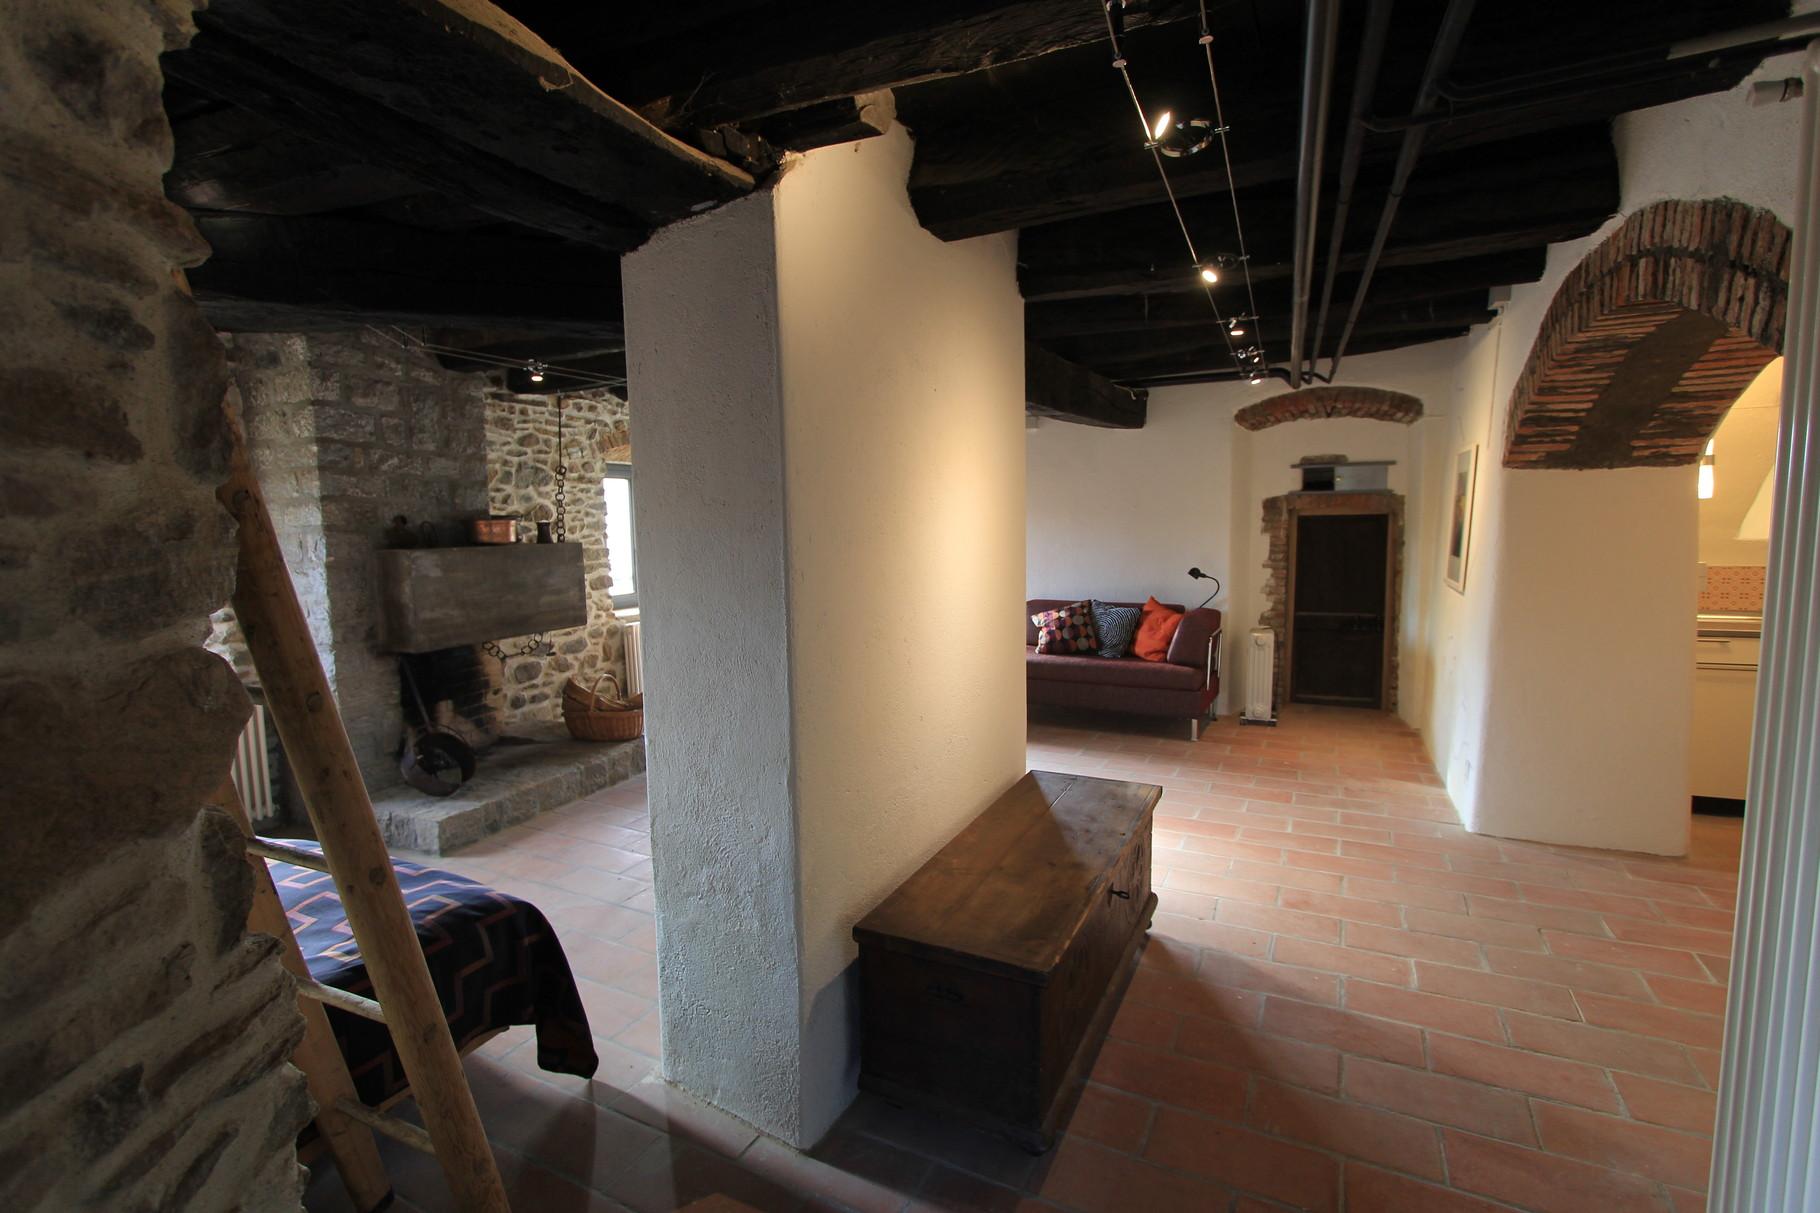 Aufenthaltsraum mit einem Bettsofa und Einzelbett